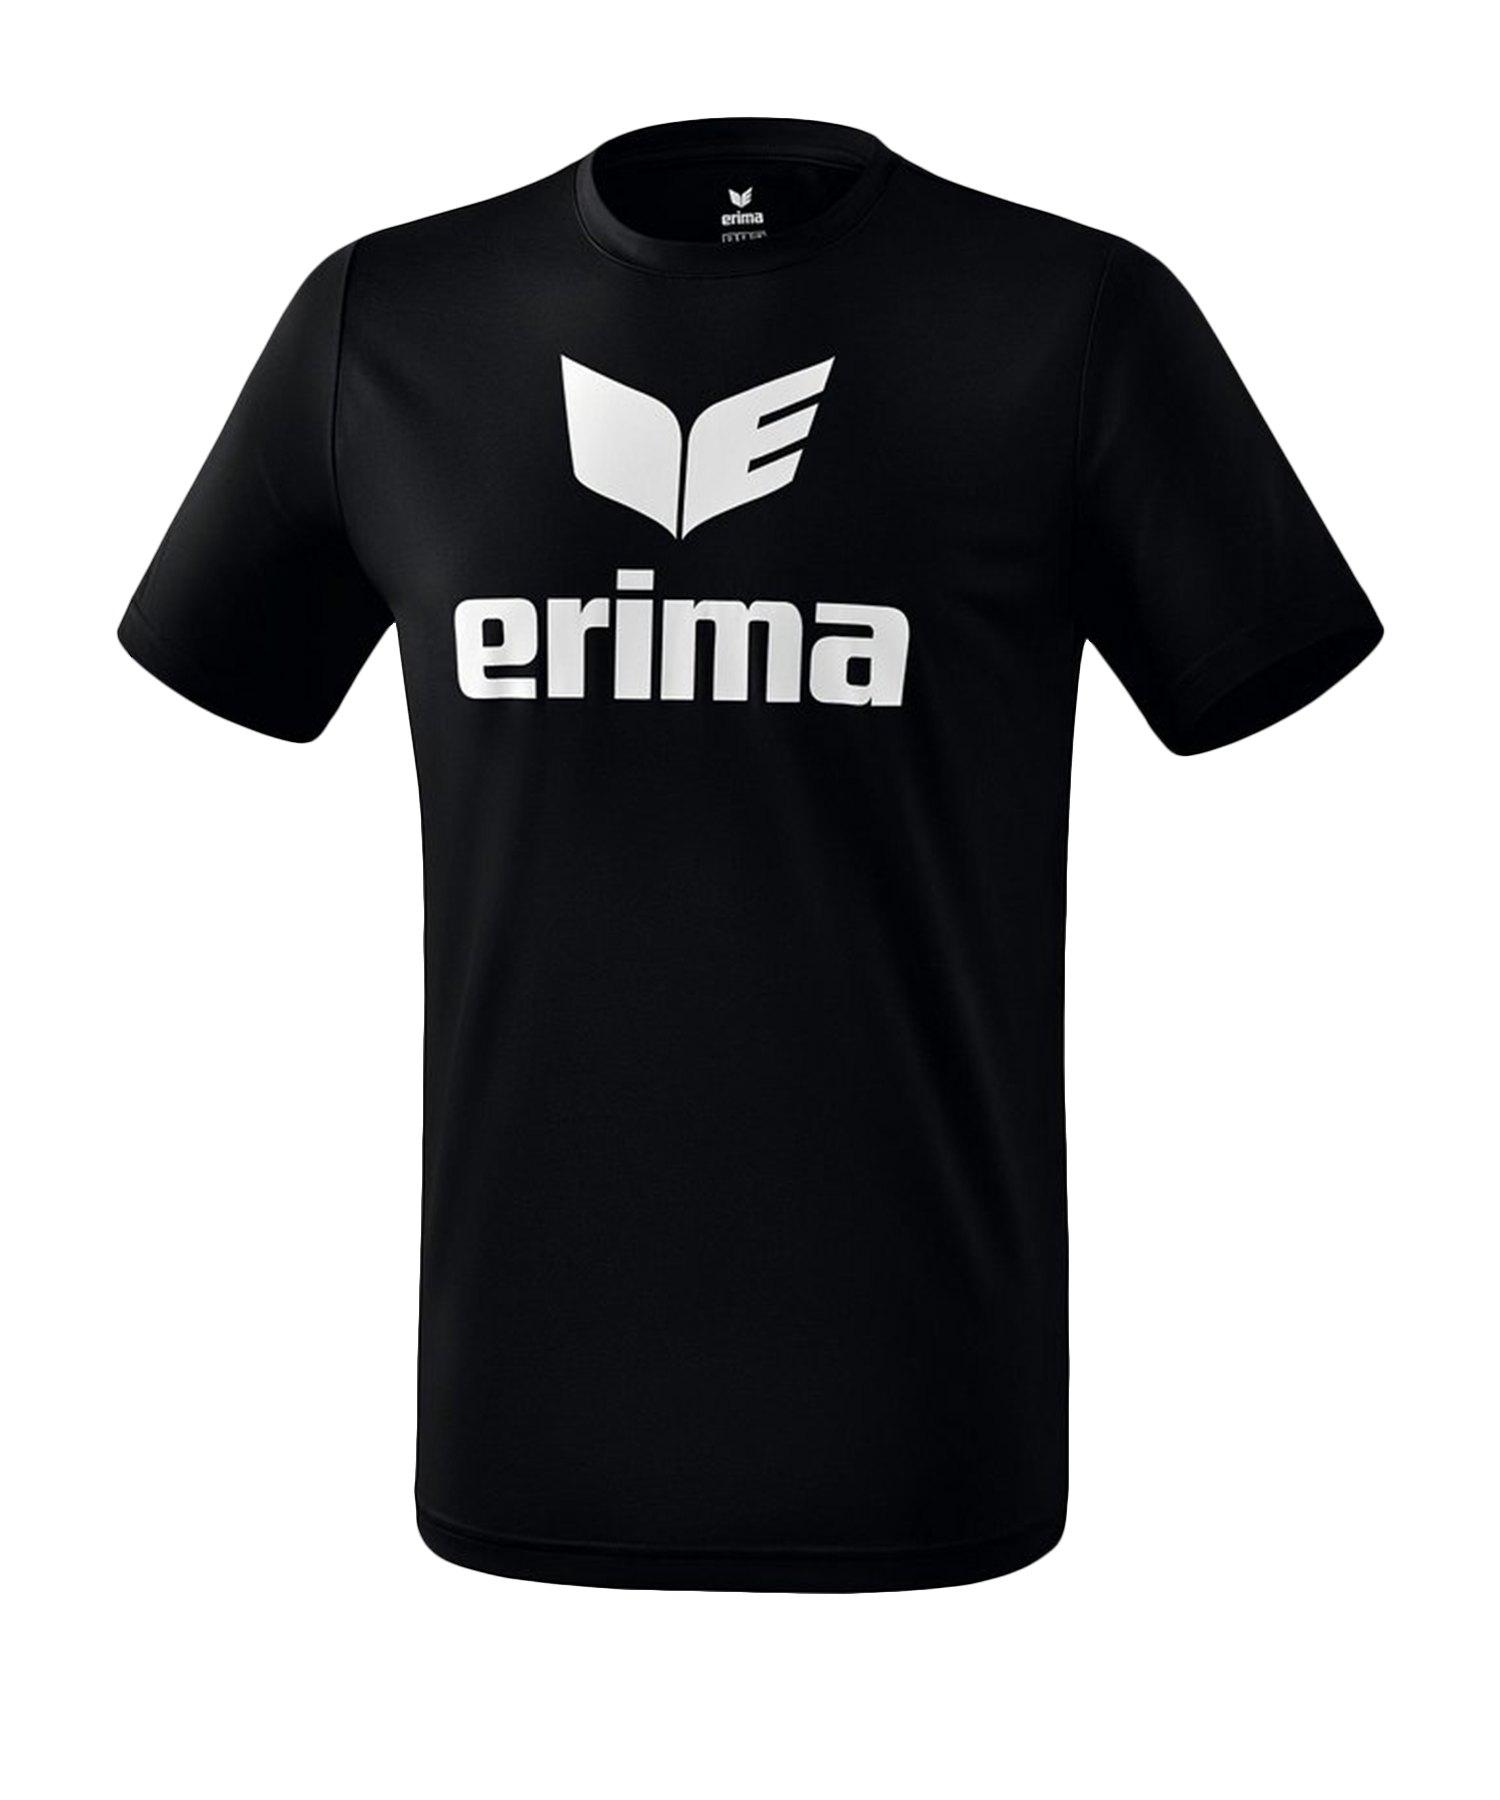 Erima Funktions Promo T-Shirt Kids Schwarz Weiss - Schwarz